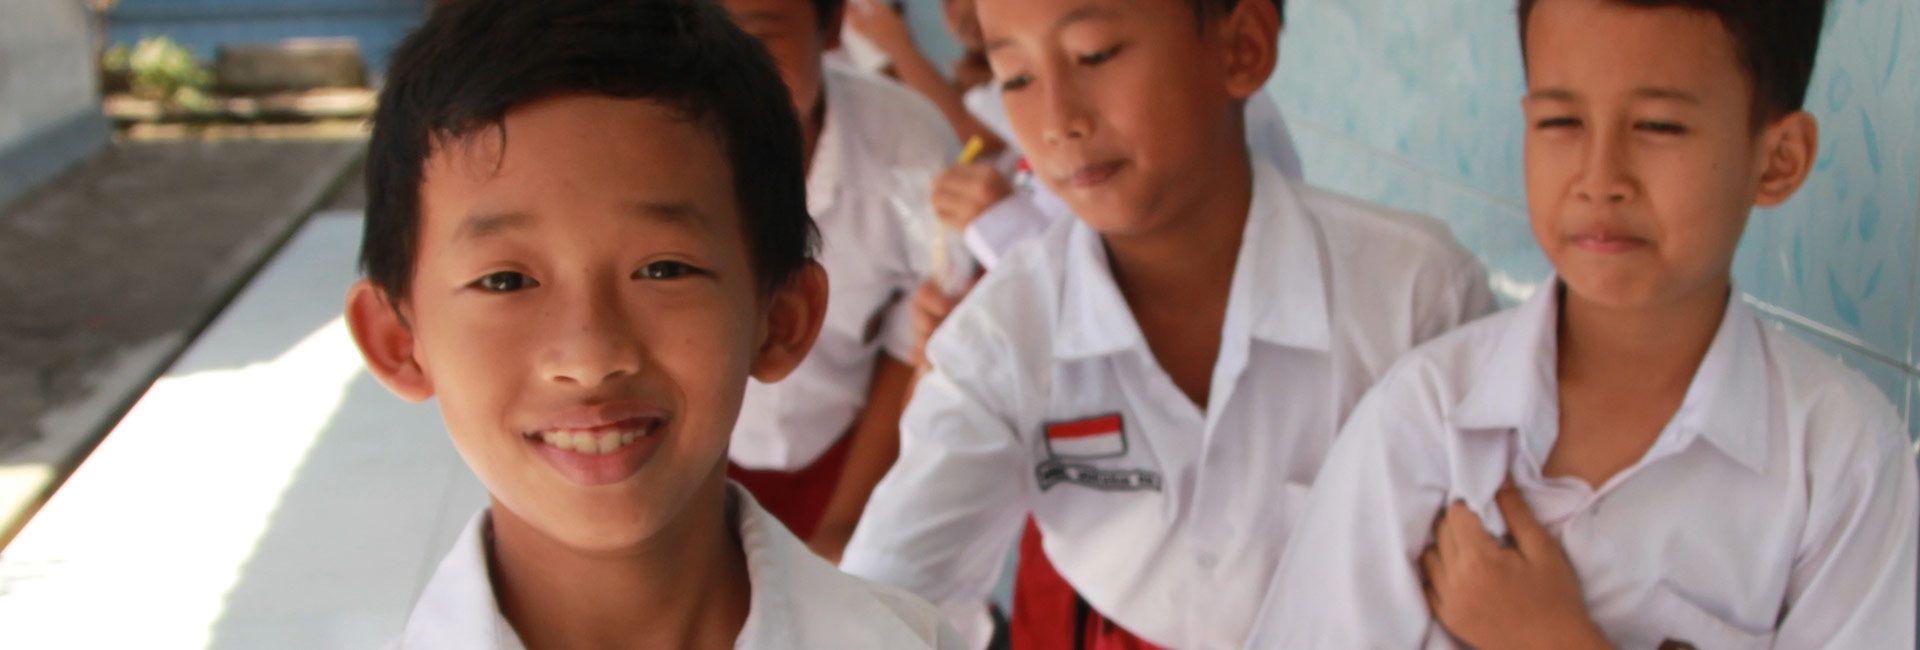 stichting-onderwijs-voor-kinderen-in-indonesie-goed-doel-donateur